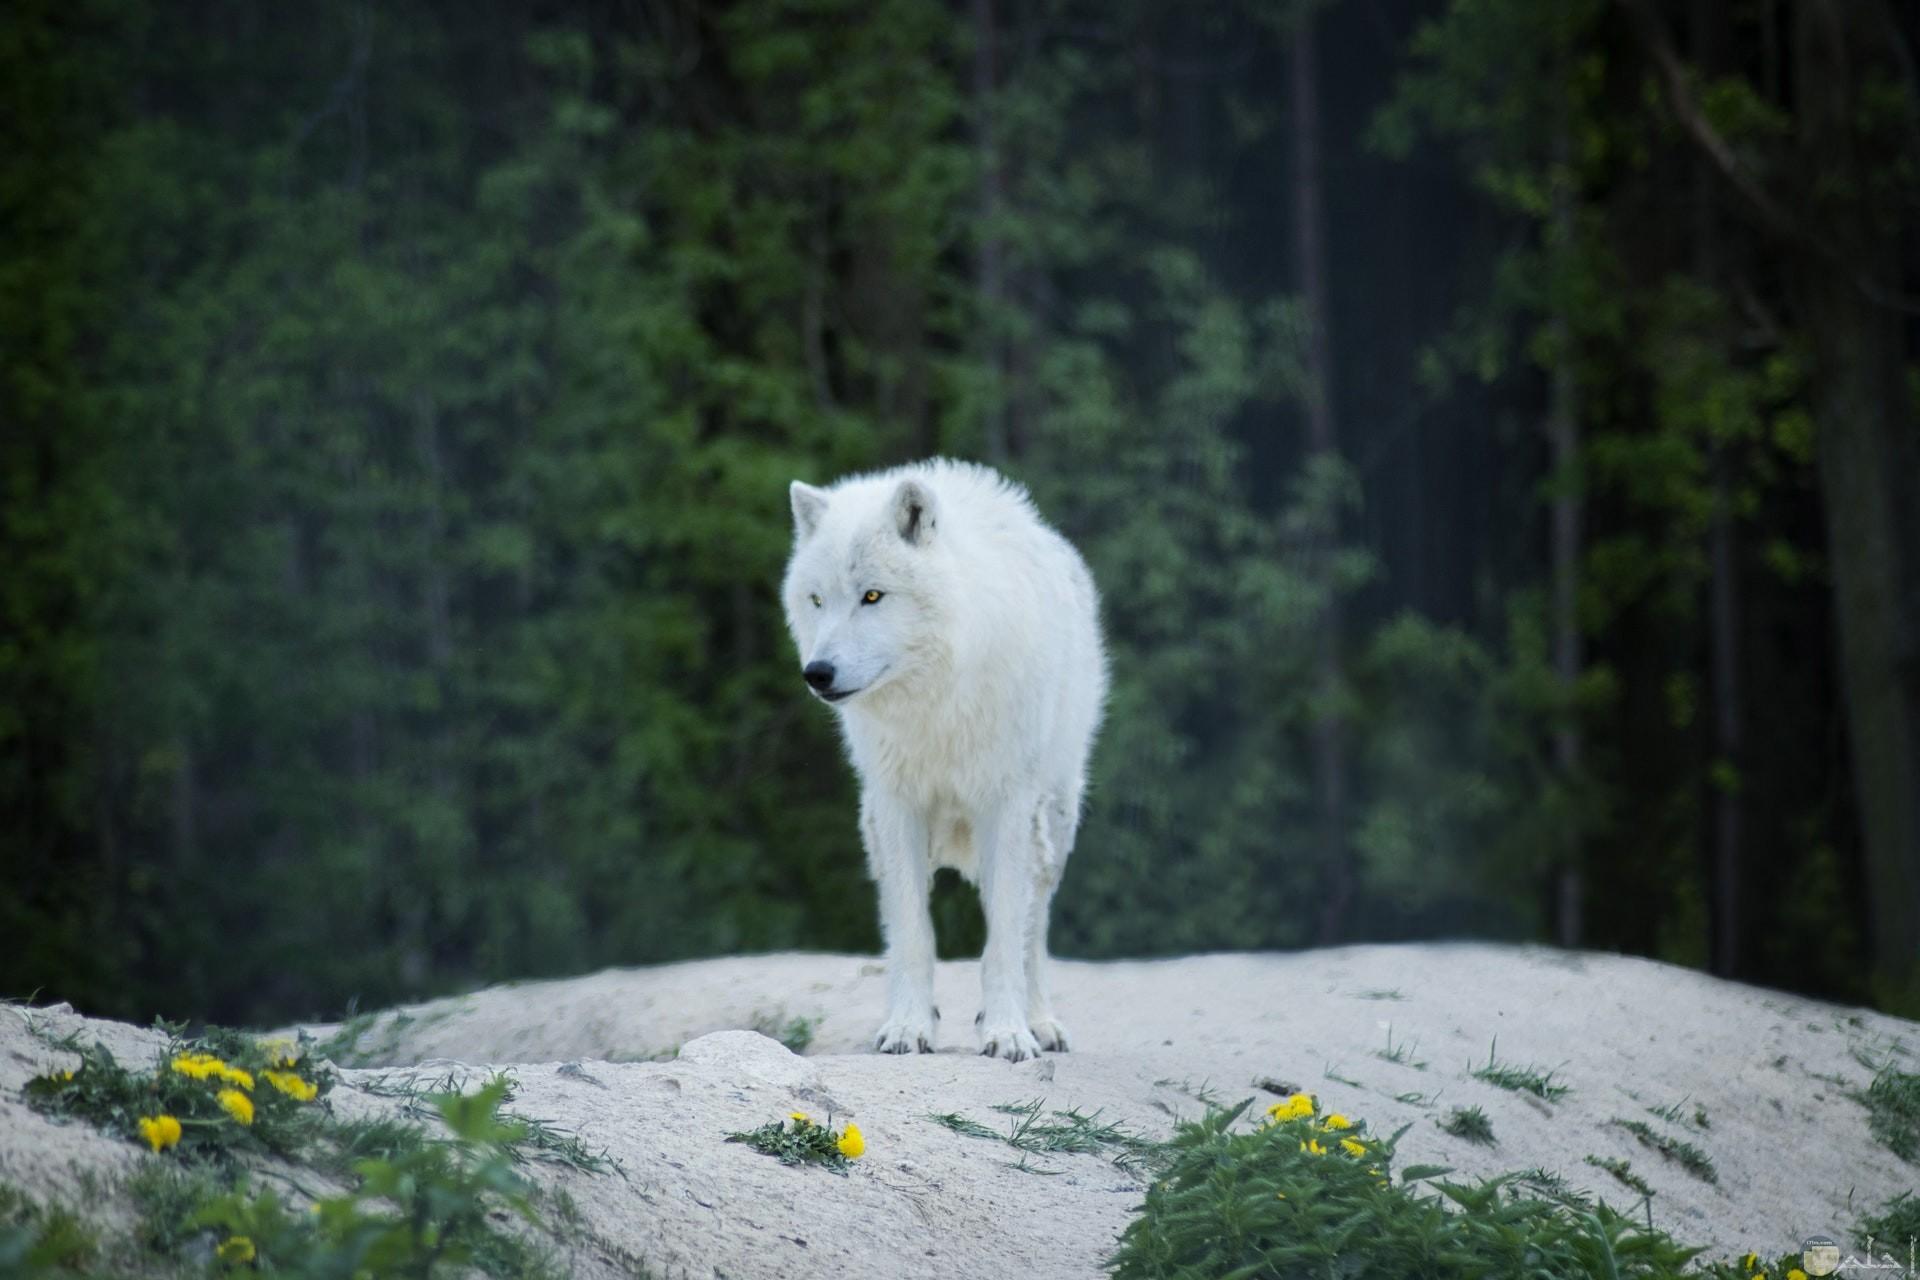 صورة جميلة لذيب باللون الأبيض واقف في الغابة